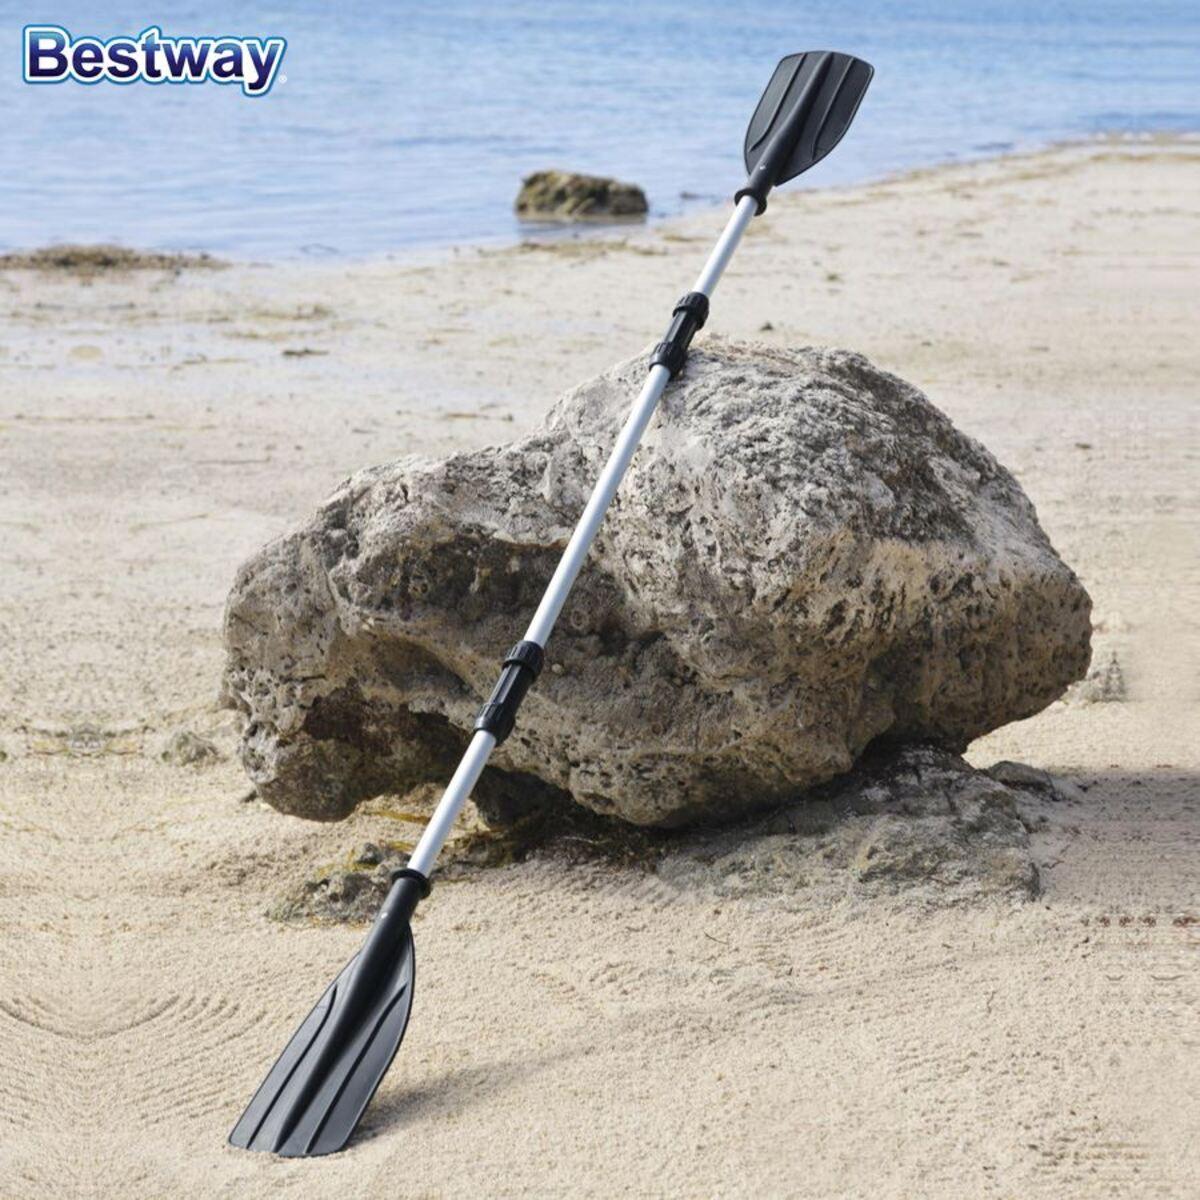 Bild 1 von Bestway #62064 Alu-Paddel-Set